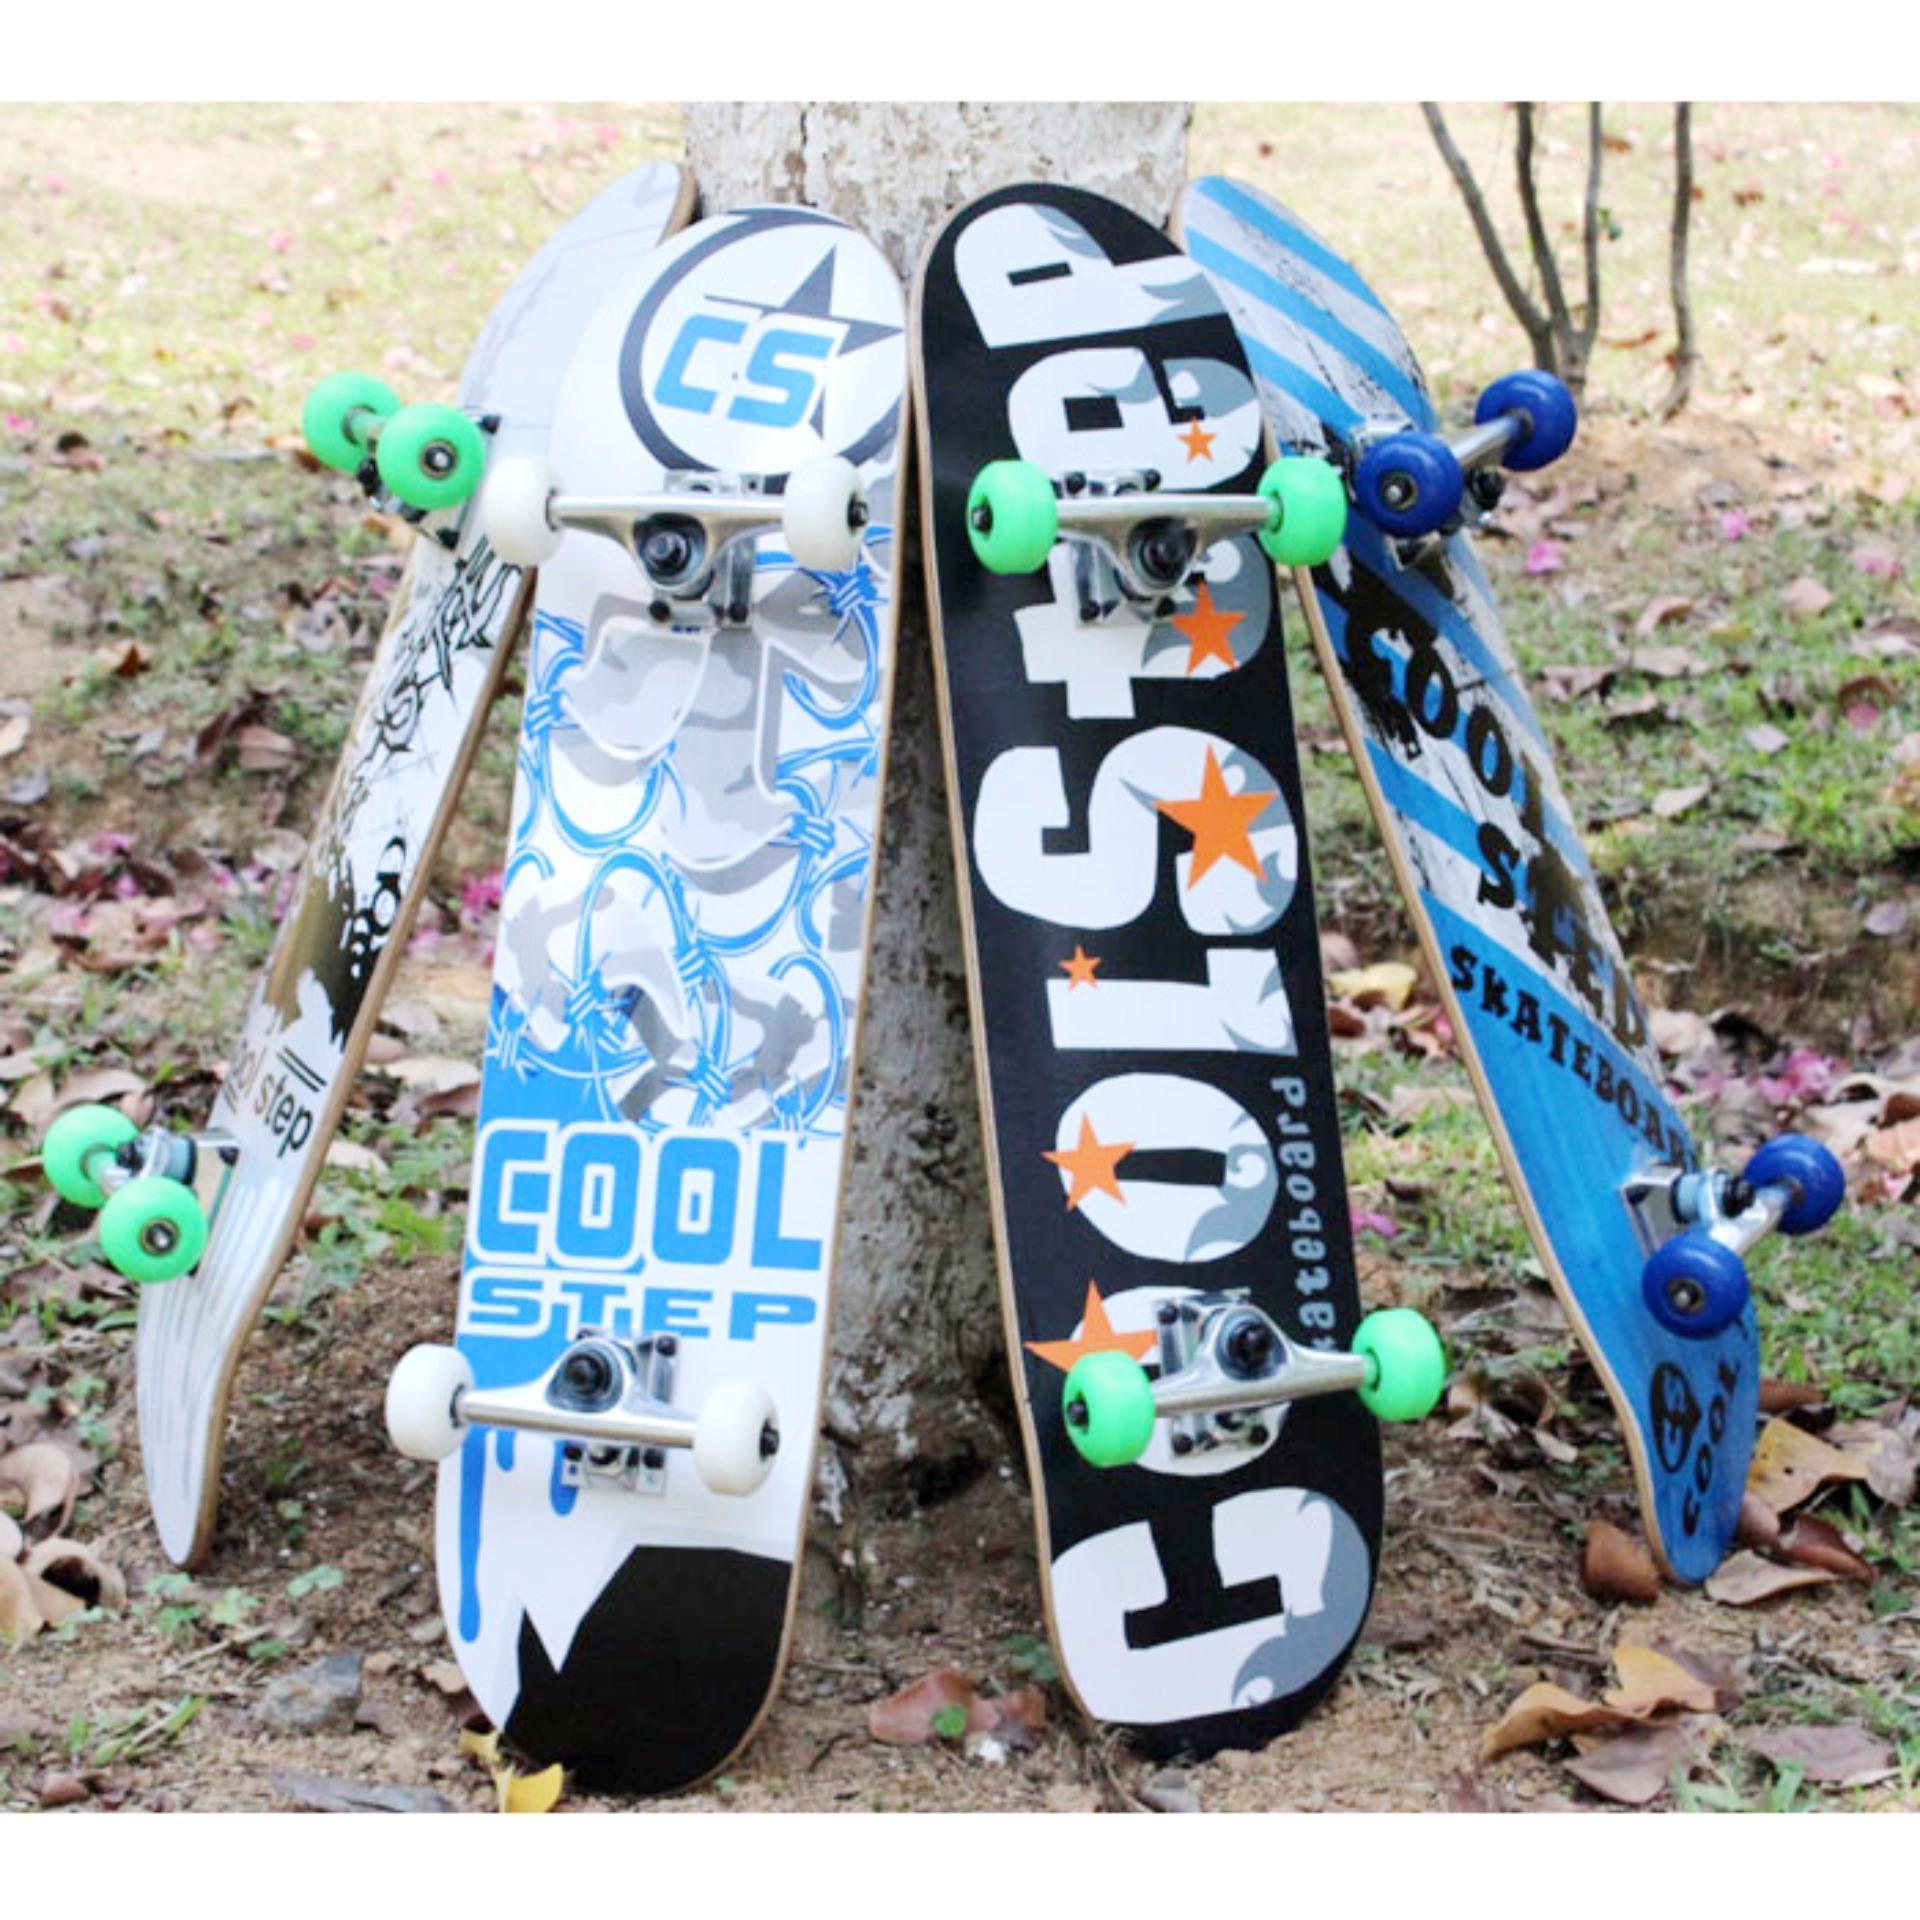 Mua [ Xả Kho 3 Ngày ] Ván Trượt Chuyên Nghiệp Cho Thanh Thiếu Niên - Skateboard Marktop - Hàng Xịn Xuất Châu Âu Ván Trượt Siêu Đẳng, Ván Trượt Hình Siêu Anh Hùng Ván Trượt Mặt Nhám Ván Gỗ Dày Khung Hợp Kim Chắc Chắn- Bảo Hành Uy Tín